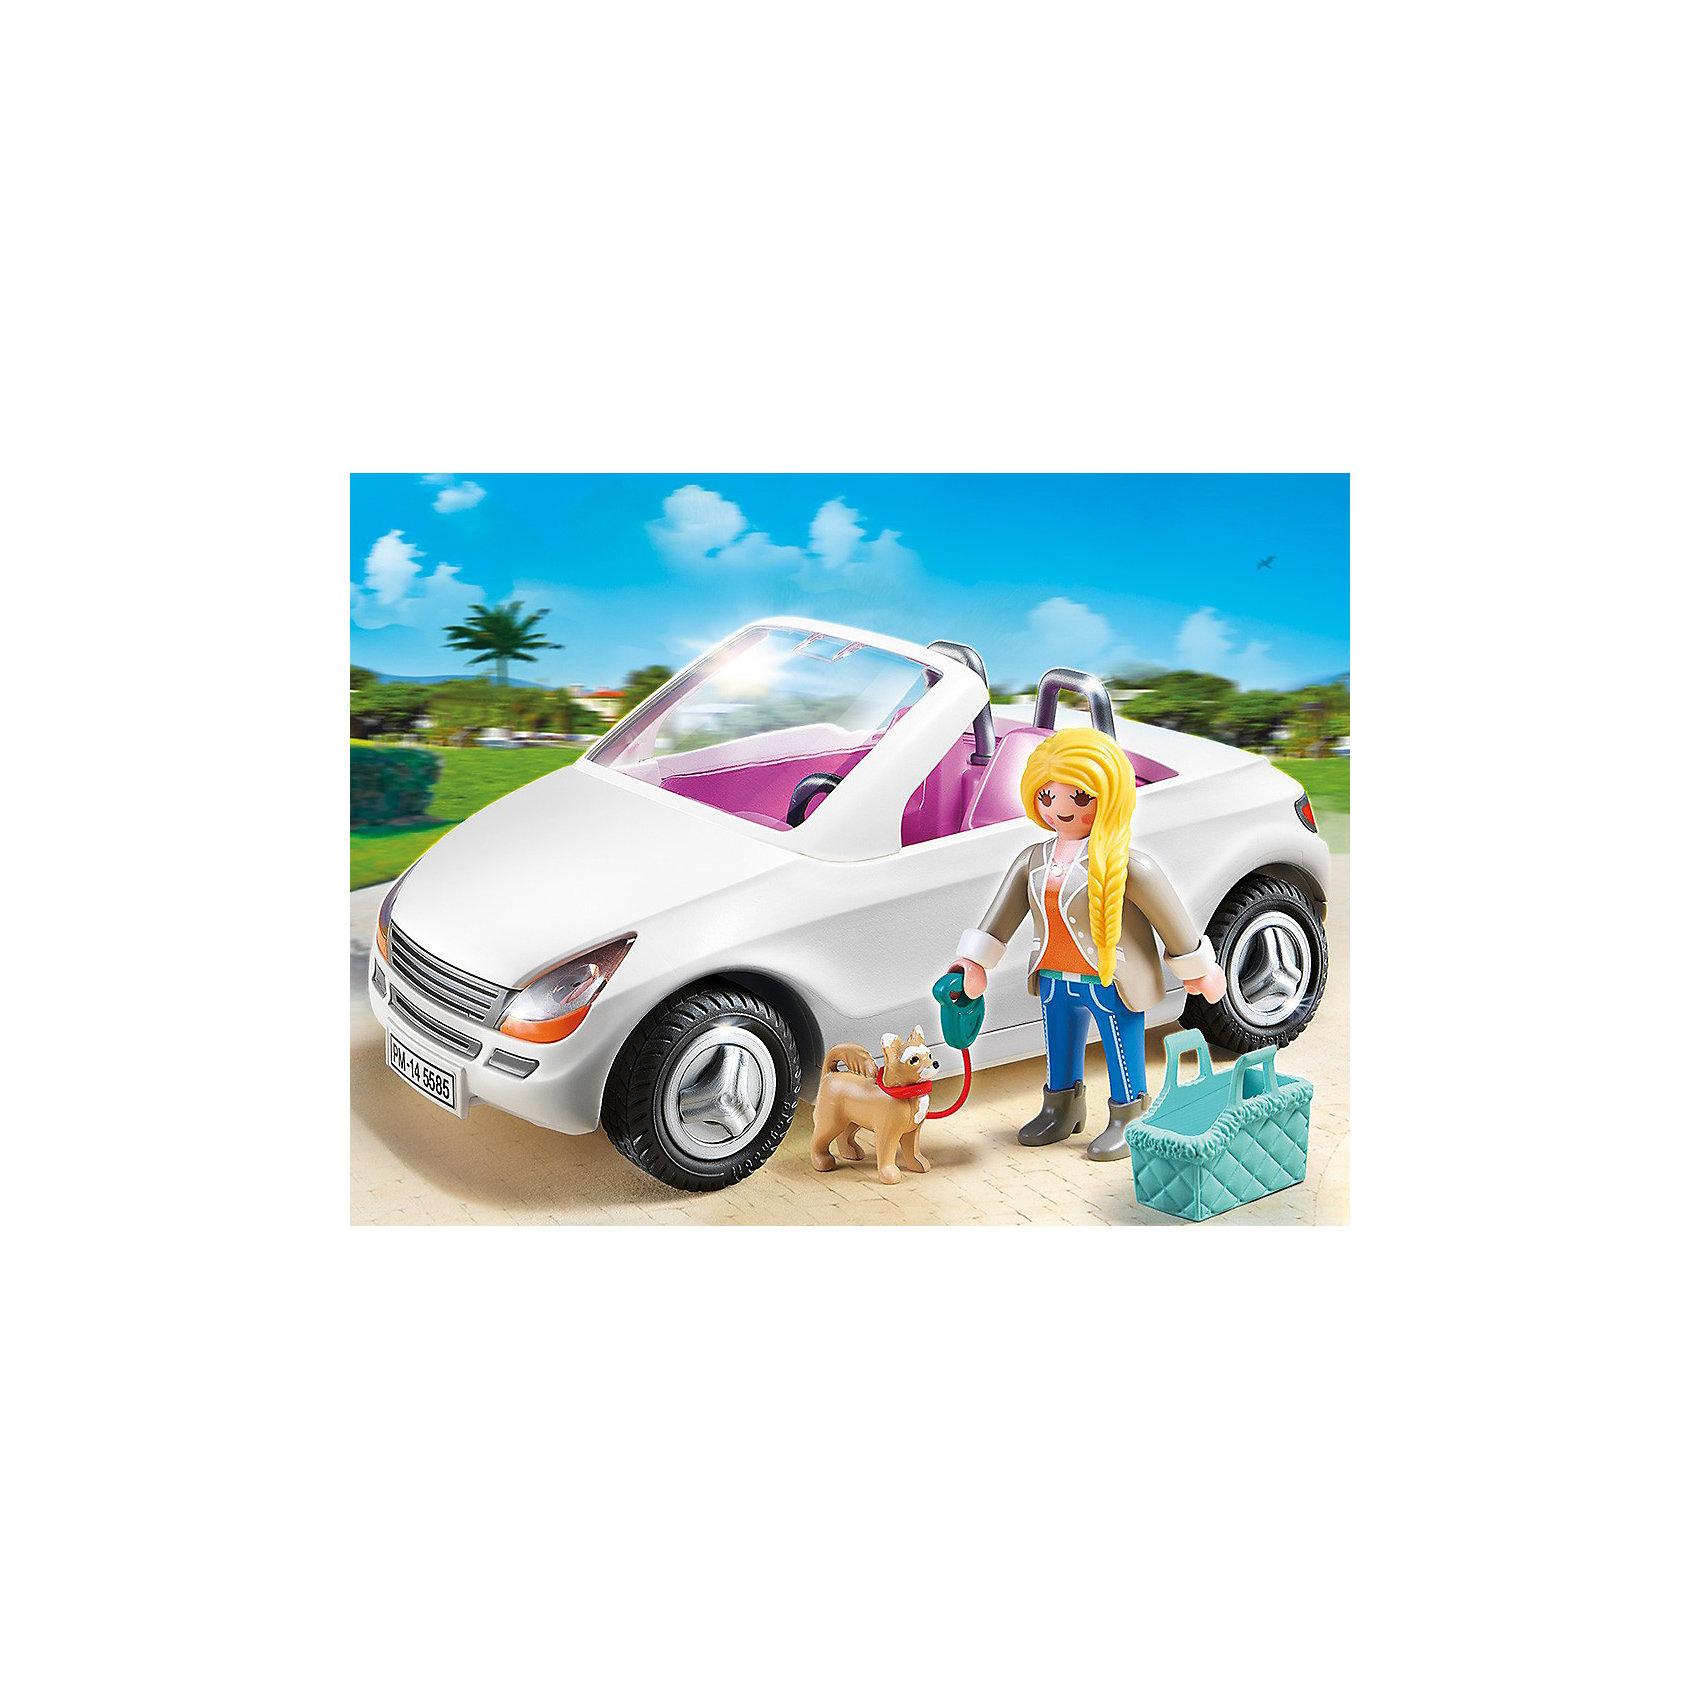 PLAYMOBIL 5585 Особняки: Шикарный кабриолетКонструктор PLAYMOBIL (Плеймобил) 5585 Особняки: Шикарный кабриолет - прекрасная возможность для ребенка проявить свой творческий потенциал! Полезный конструктор для развития Вашего ребенка должен быть именно таким: красочным, безопасным и очень функциональным. Набор Шикарный кабриолет состоит из одной минифигурки девушки и белой машинки с открытым верхом. Обладательница шикарного особняка любит веселые прогулки, но одной путешествовать не так весело. Поэтому девушка берет на прогулку лучшего друга - свою маленькую собачку. Она сажает песика в его удобную переноску и берет с собой в машину. Вместе они отлично прокатятся с ветерком и погуляют в парке. Чтобы собачка не убежала далеко девушка надевает поводок. Создай интересные сюжеты с набором Шикарный кабриолет или объедини его с другими наборами серии и игра станет еще интереснее. Придумывая замечательные сюжеты с деталями конструктора, Ваш ребенок развивает фантазию, учится заботе и просто прекрасно проводит время!<br><br>Дополнительная информация:<br><br>- Конструкторы PLAYMOBIL (Плеймобил) отлично развивают мелкую моторику, фантазию и воображение;<br>- В наборе: 1 минифигурка, кабриолет, сумочка-переноска, собачка, поводок;<br>- Количество деталей: 31 шт;<br>- Материал: безопасный пластик;<br>- Размер минифигурки: 7,5 см;<br>- Размер упаковки: 47,5 х 21,5 х 16,5 см;<br>- Вес: 150 г<br><br>Конструктор PLAYMOBIL (Плеймобил) 5585 Особняки: Шикарный кабриолет можно купить в нашем интернет-магазине.<br><br>Ширина мм: 204<br>Глубина мм: 151<br>Высота мм: 79<br>Вес г: 227<br>Возраст от месяцев: 48<br>Возраст до месяцев: 120<br>Пол: Унисекс<br>Возраст: Детский<br>SKU: 3536832